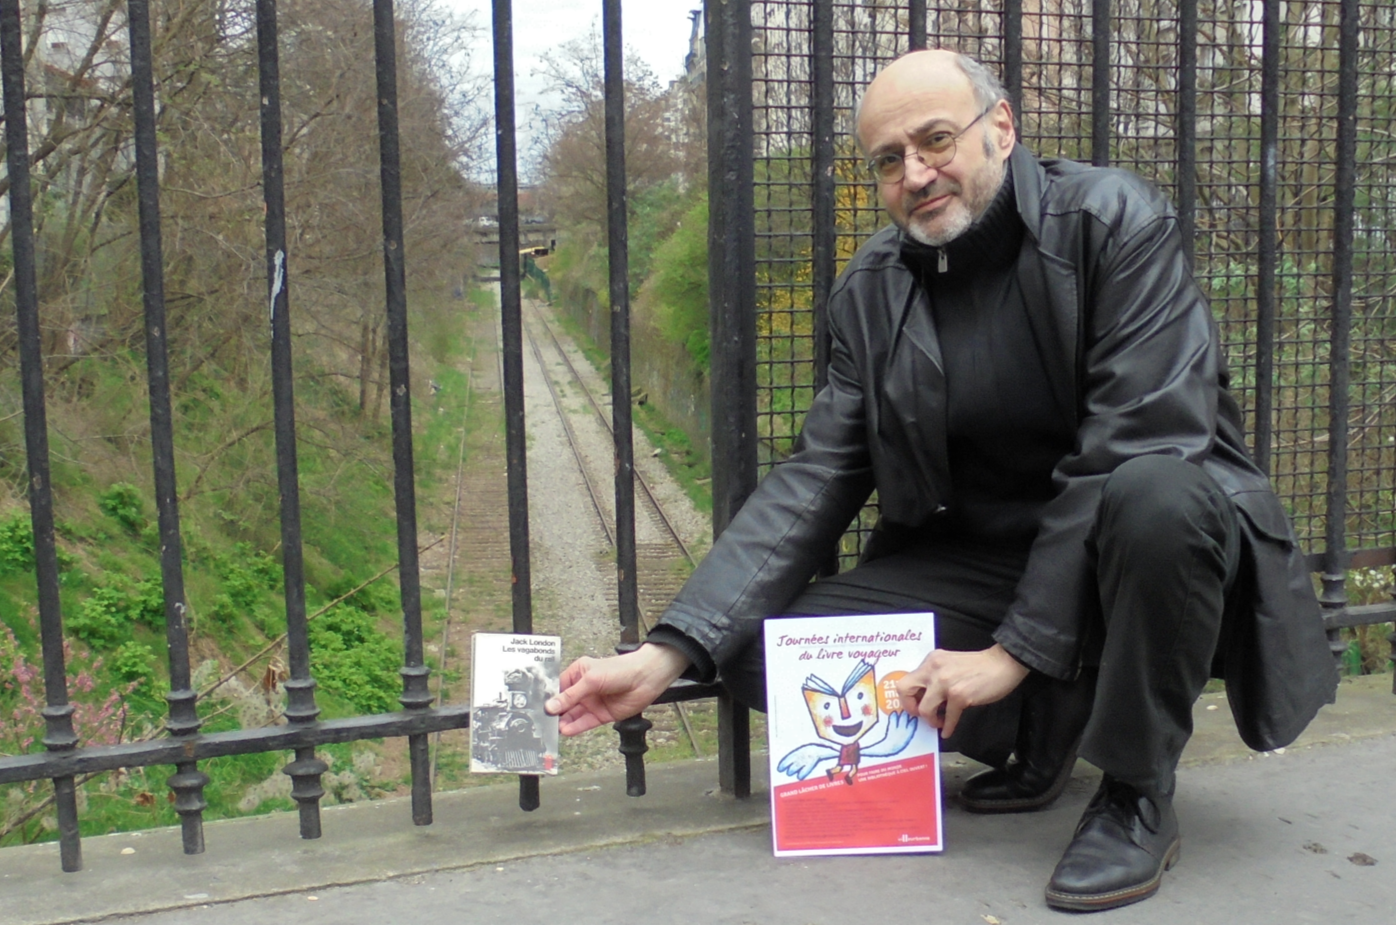 2ème Journée du Livre Voyageur. Pierre Martial rend hommage aux sans domicile fixe et à Malala.